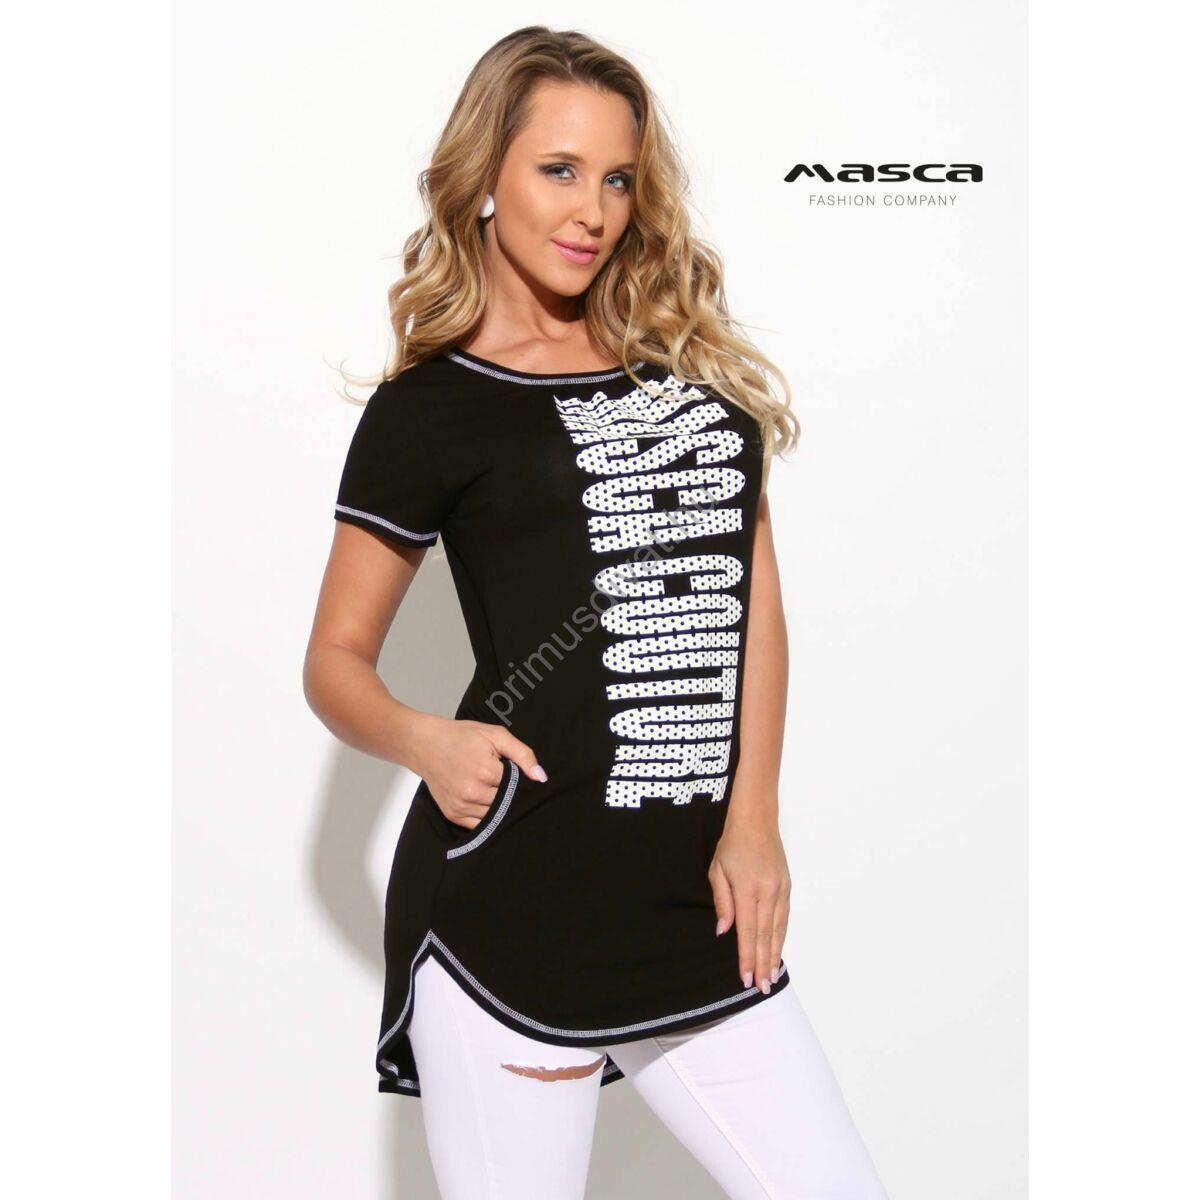 10241e0f2e Kép 1/1 - Masca Fashion fehér tűzésű rövid ujjú fekete zsebes tunika, alján  íves szabással, elején nyomott pöttyös fehér márkafelirattal